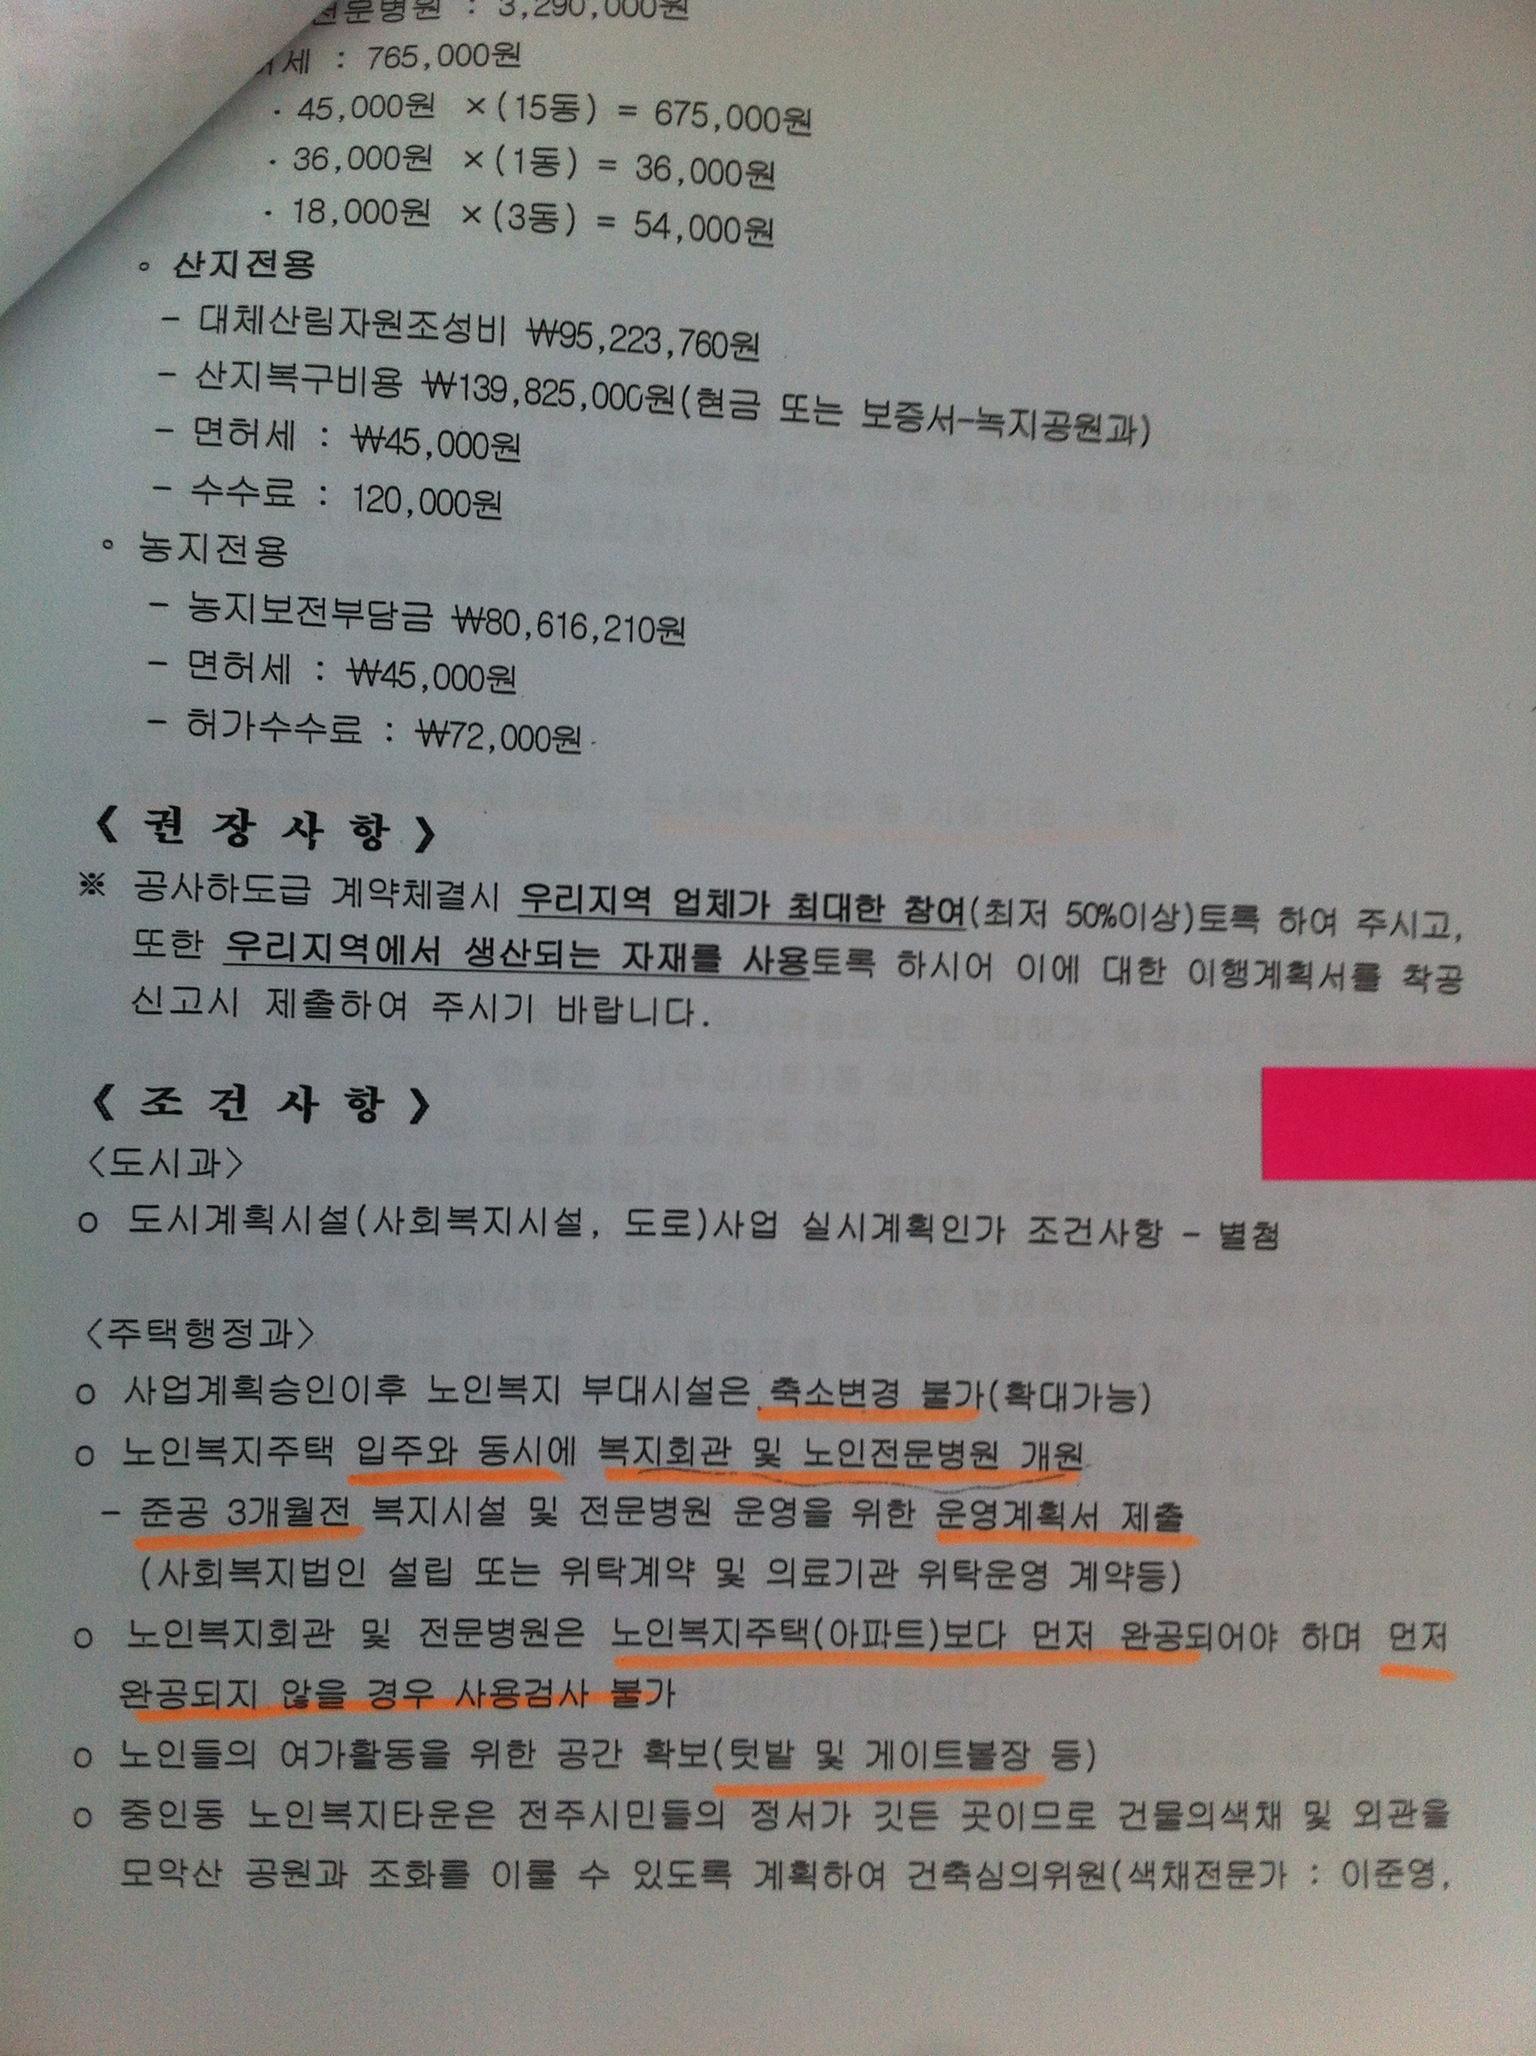 옥성 노인복지주택 건설업계획승인조건 1.JPG